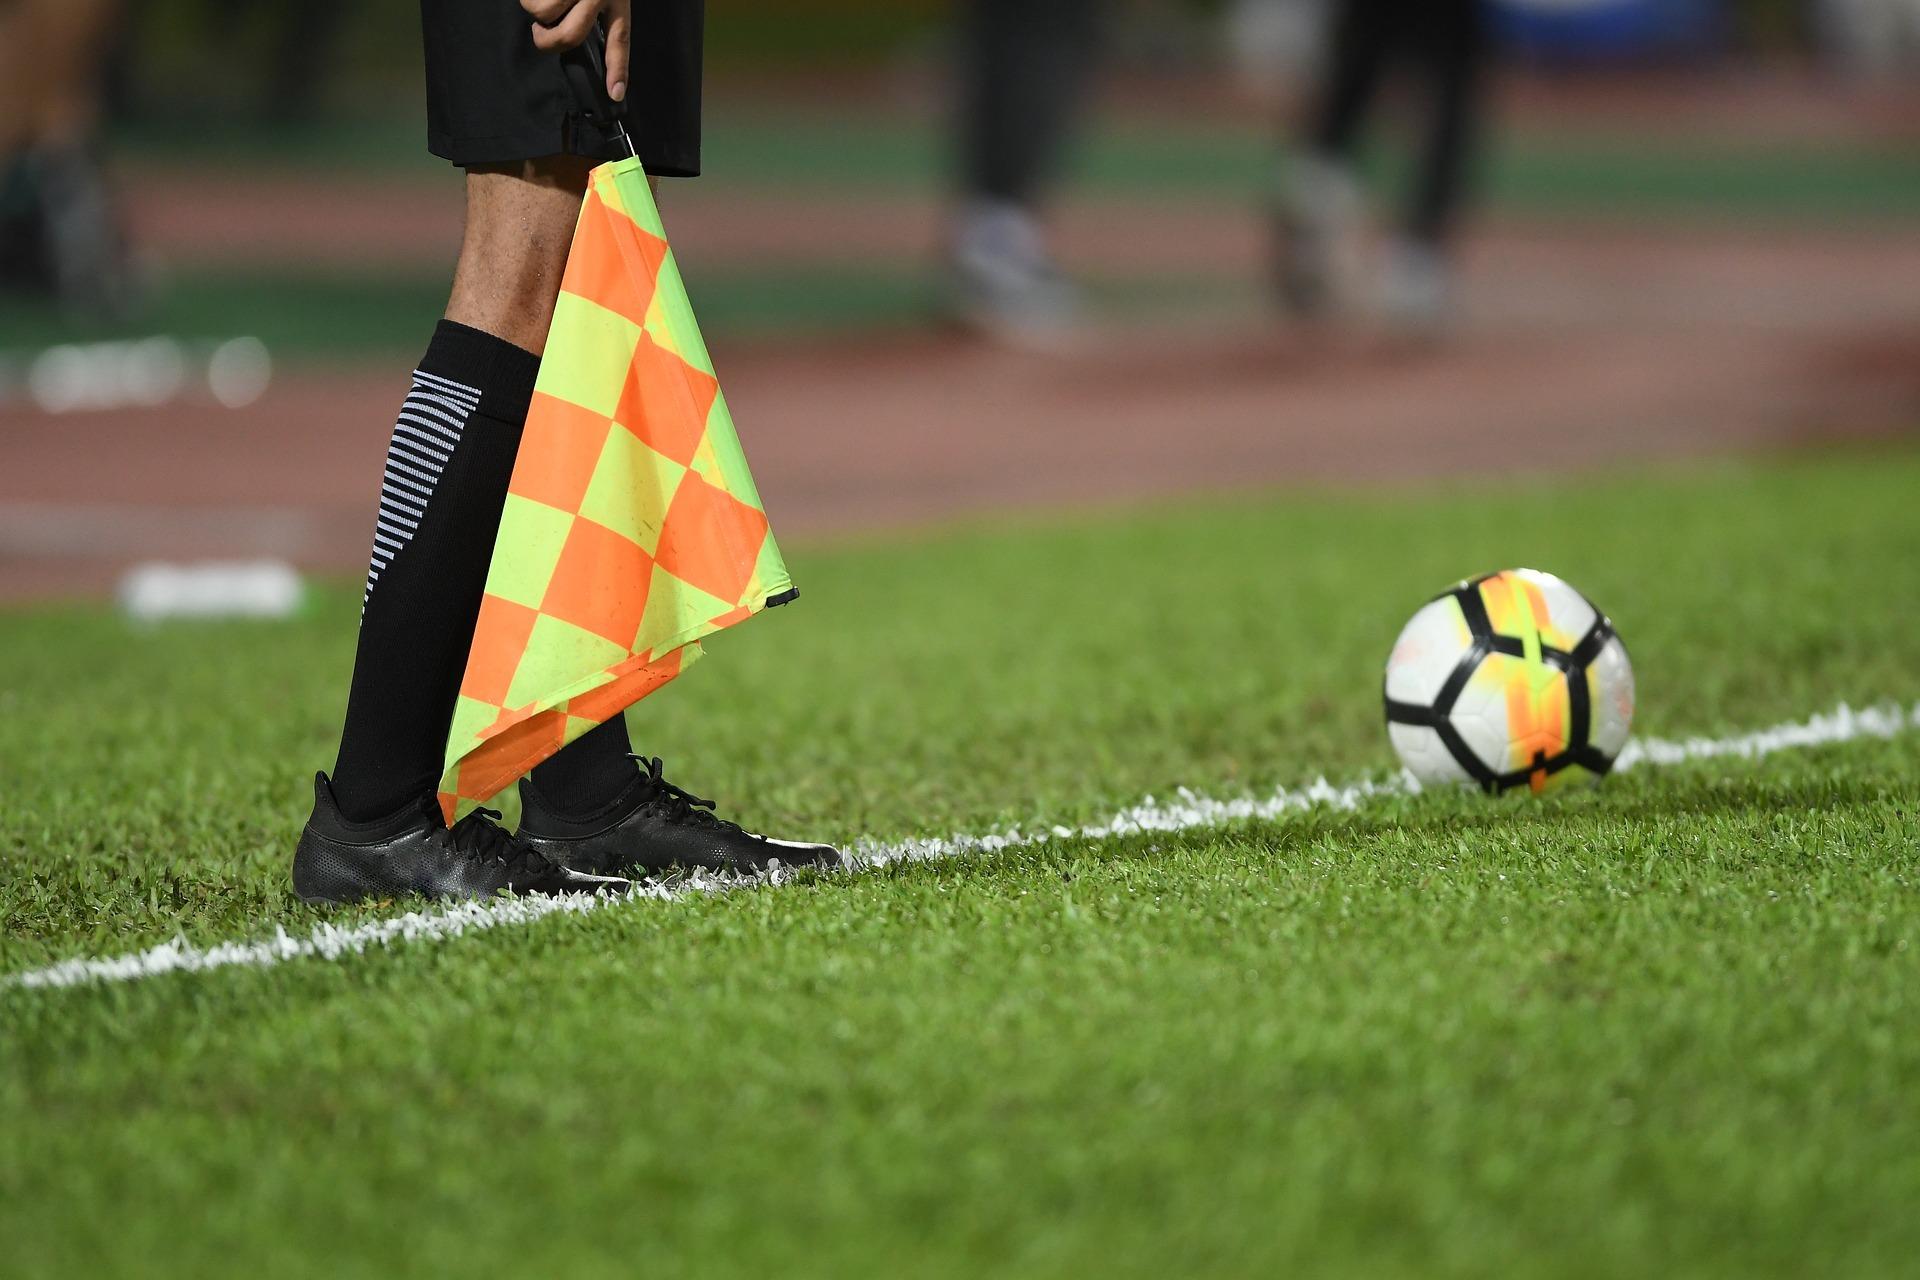 Neue Fußballregeln 2019